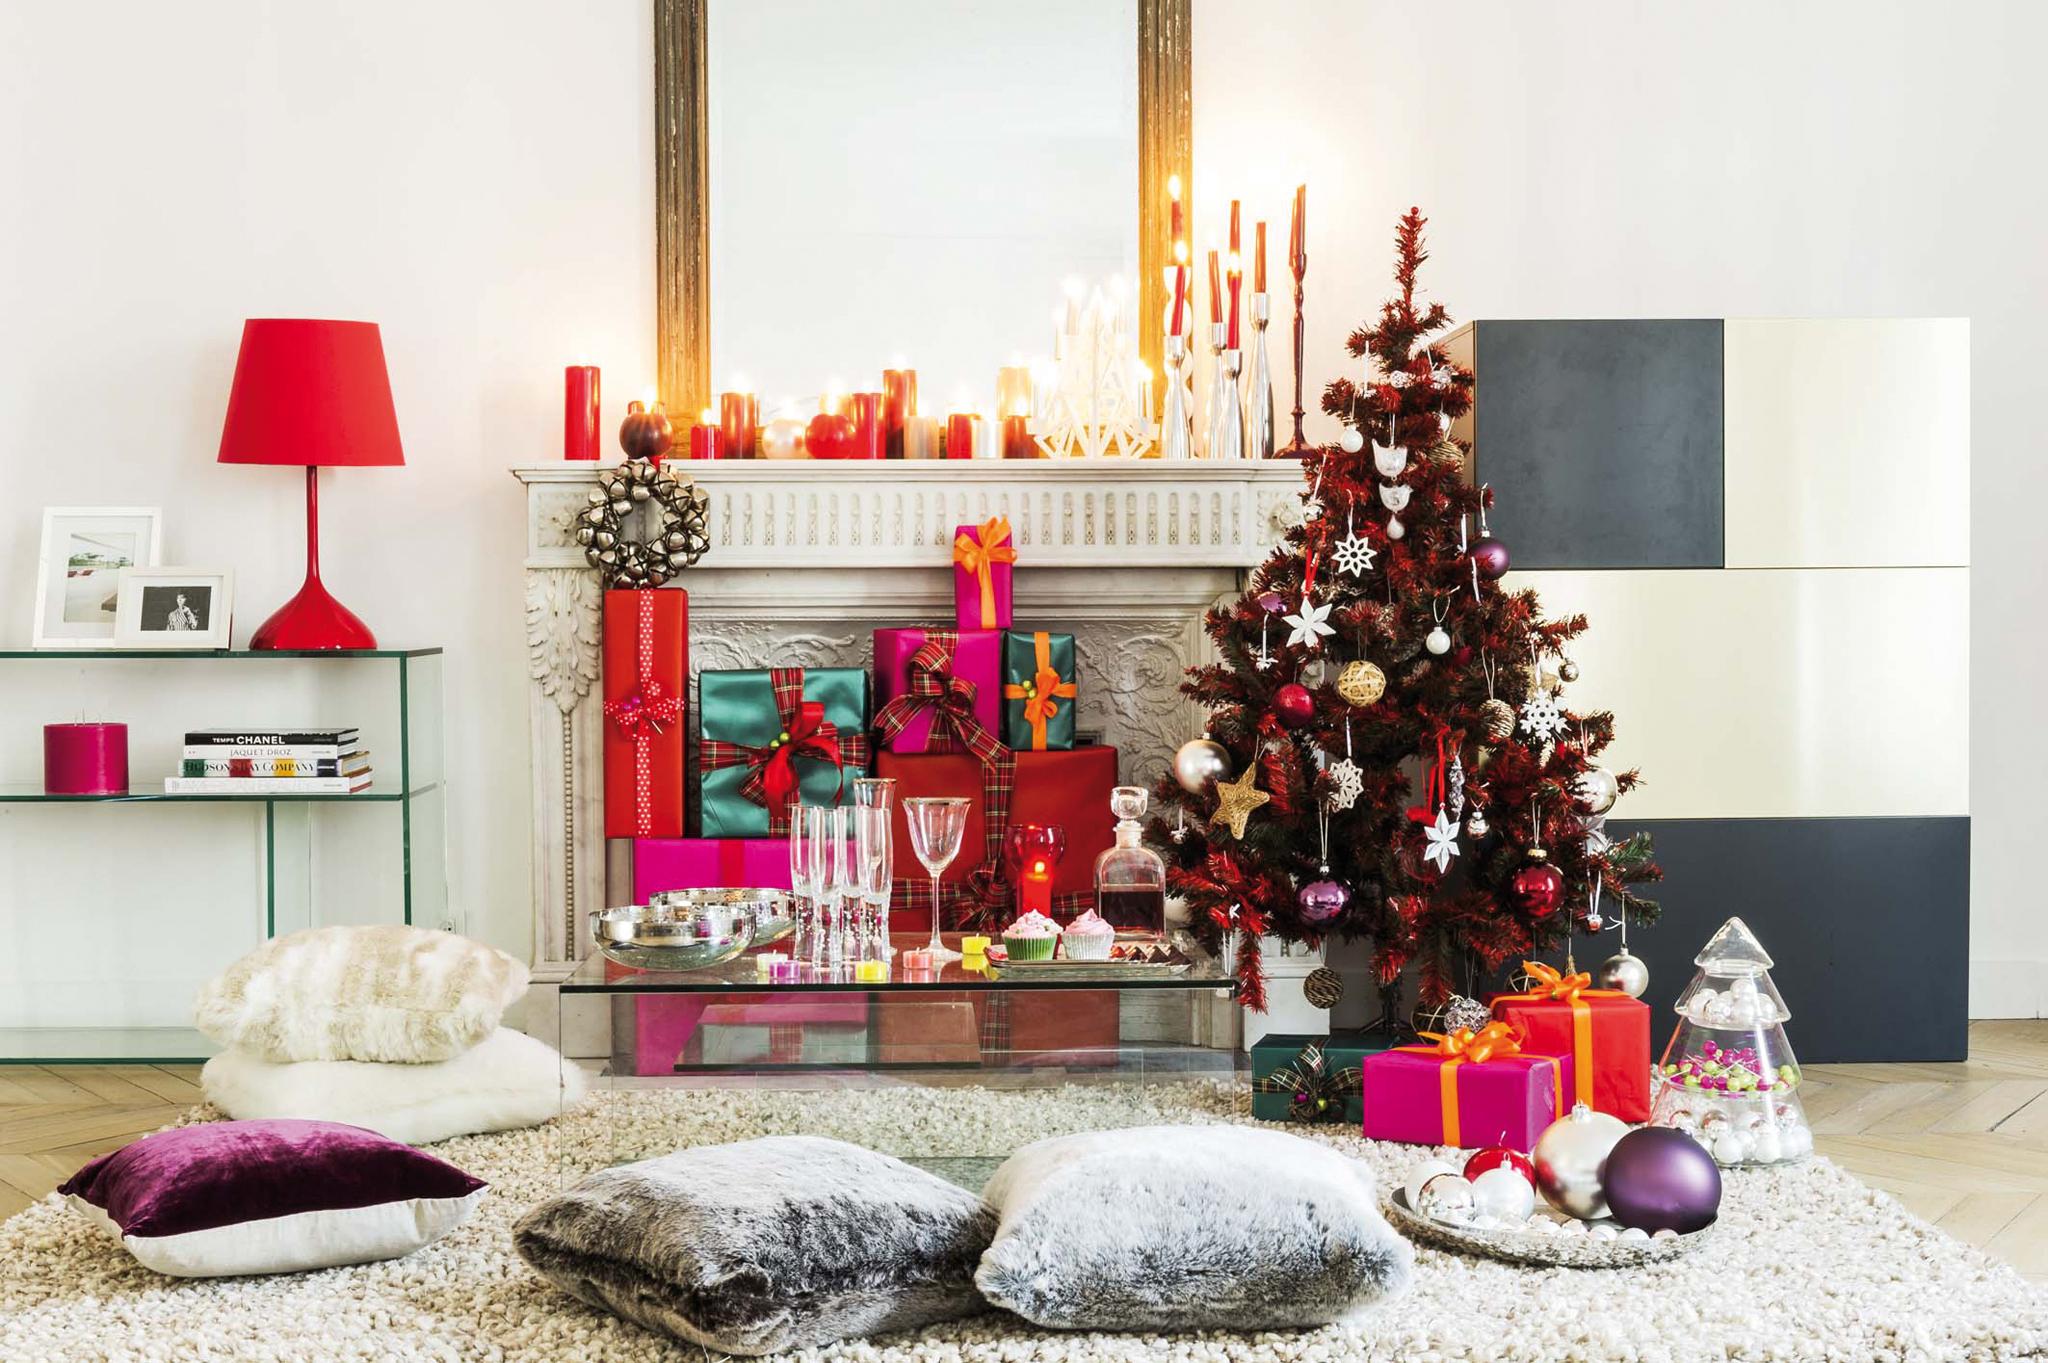 Des idées pour décorer sa maison pour Noel - Des astuces ...